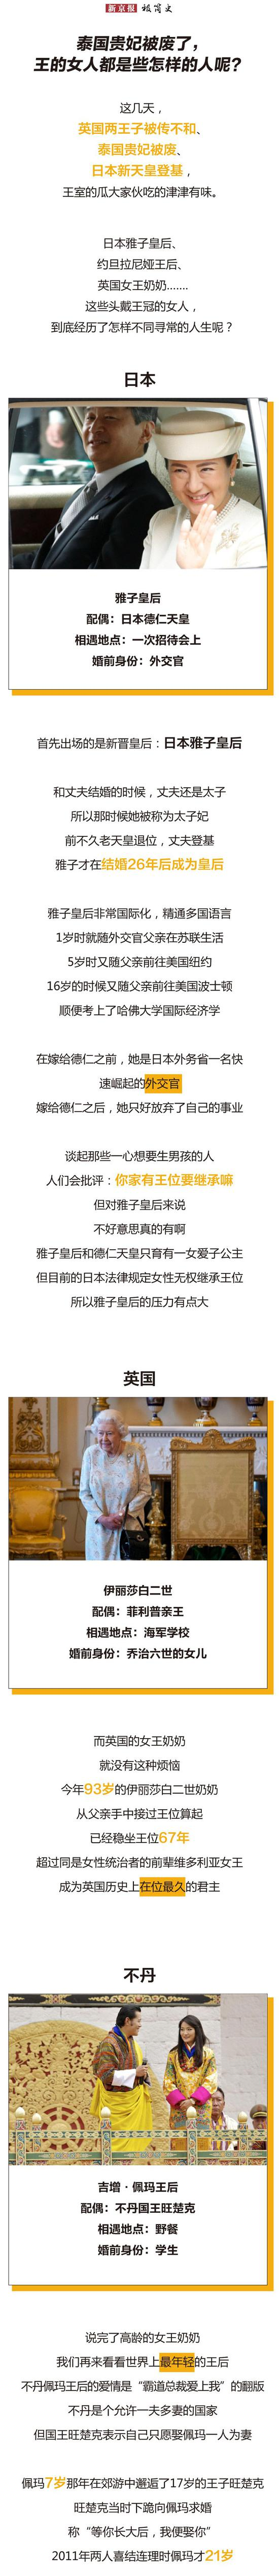 亚卜会员注册·联想CEO杨元庆发内部邮件:年收入已超过3500亿